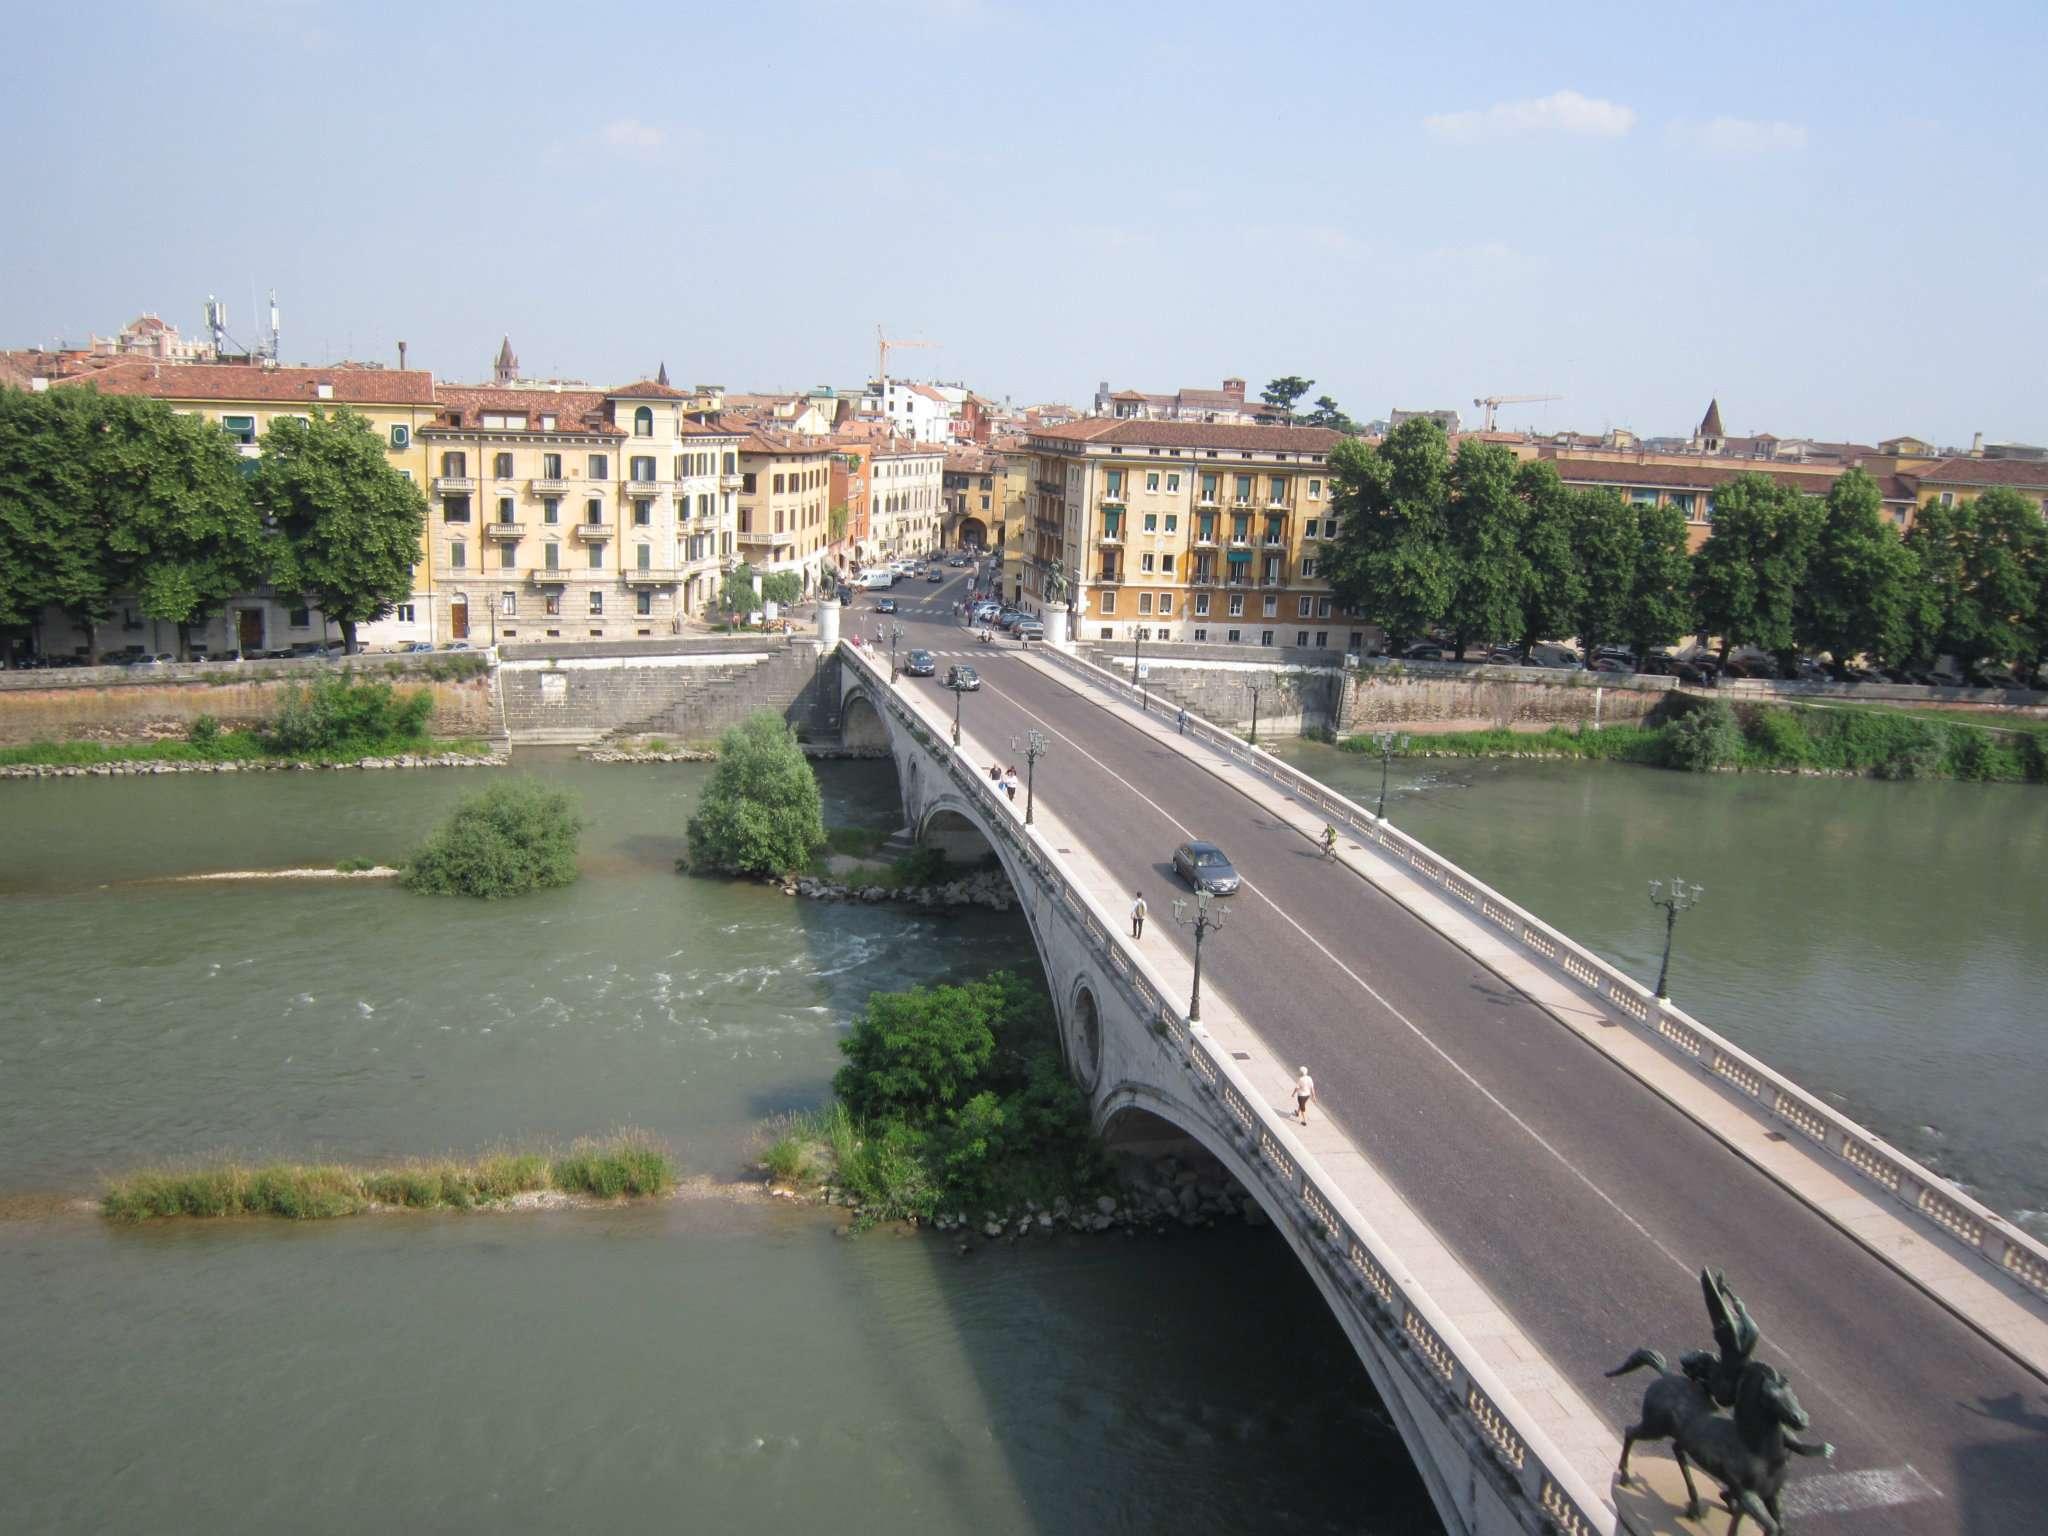 Attico / Mansarda in affitto a Verona, 5 locali, zona Zona: 3 . Borgo Trento, prezzo € 2.200 | CambioCasa.it